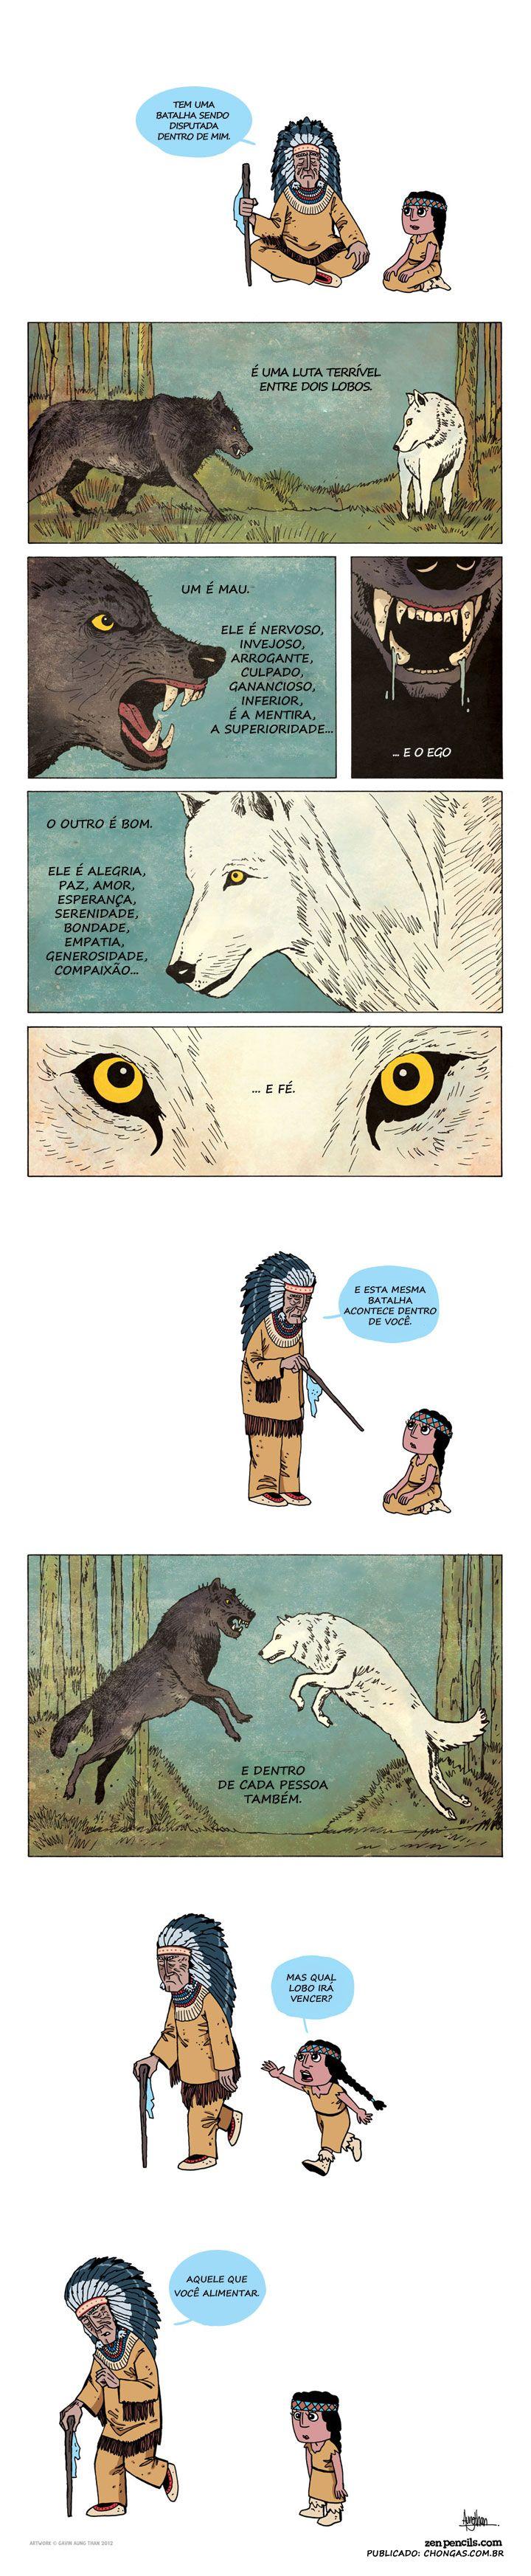 Moral - Os dois Lobos